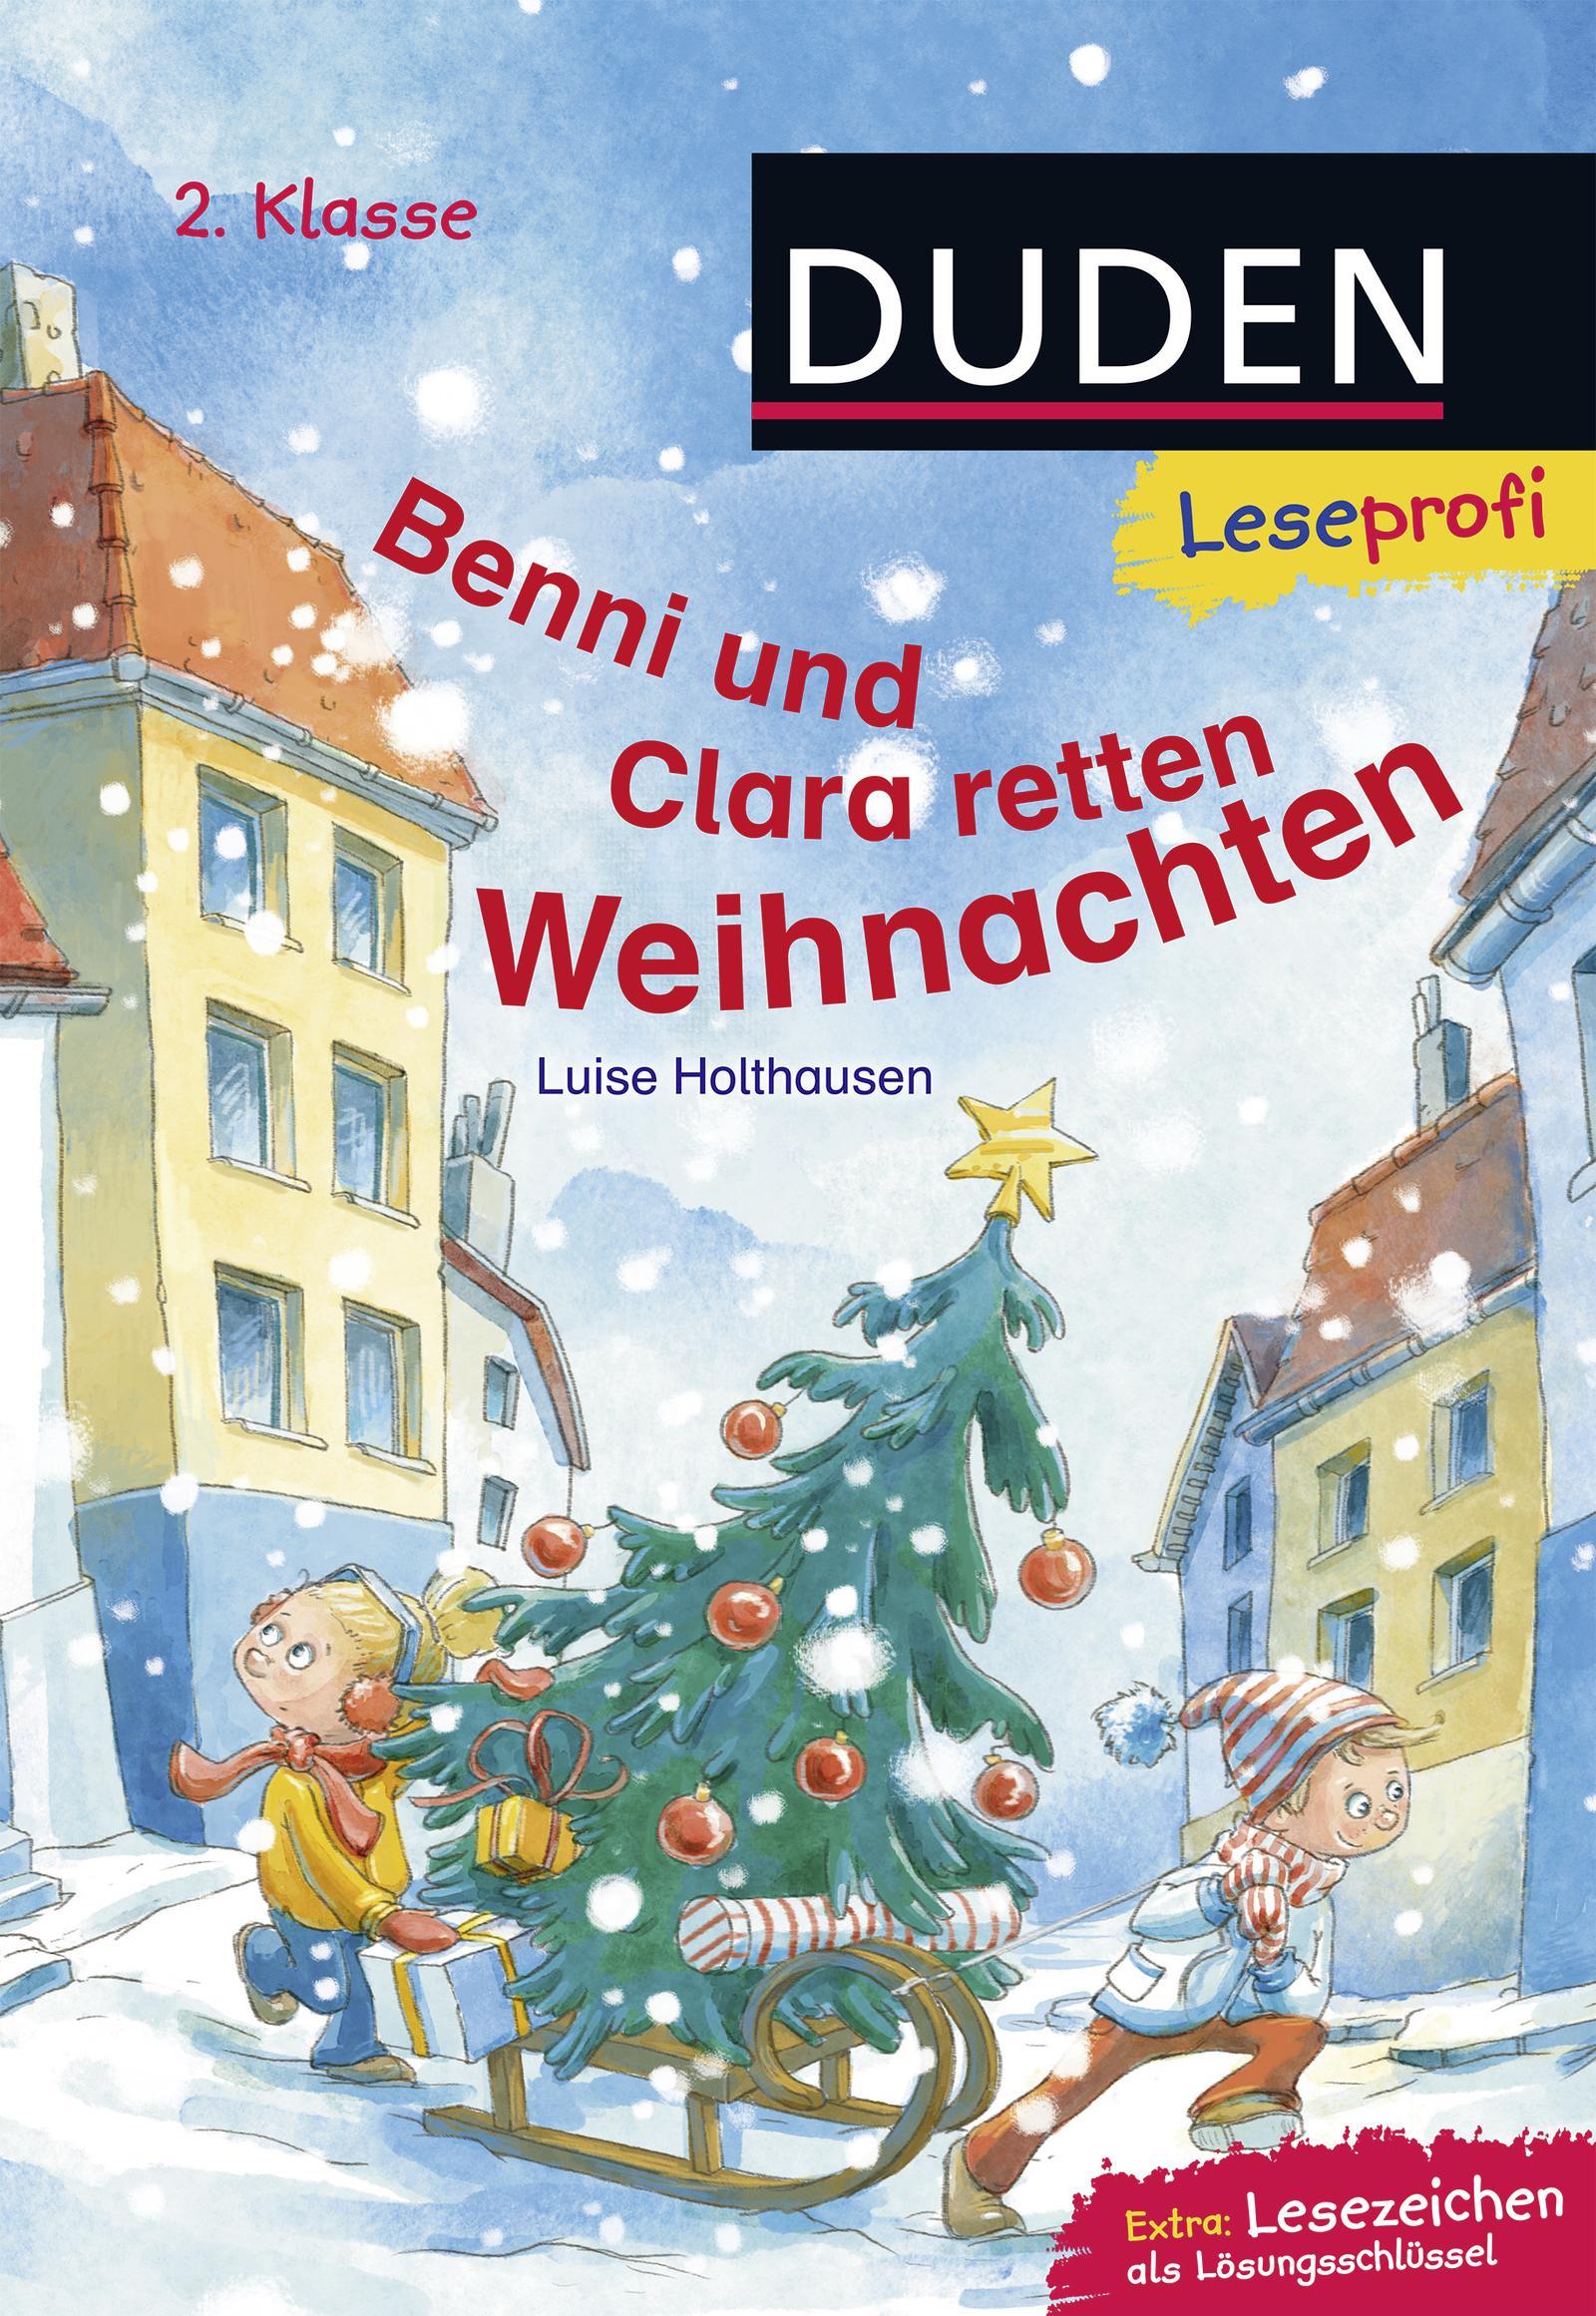 Leseprofi-Benni-und-Clara-retten-Weihnachten-2-Klasse-Luise-Holthausen